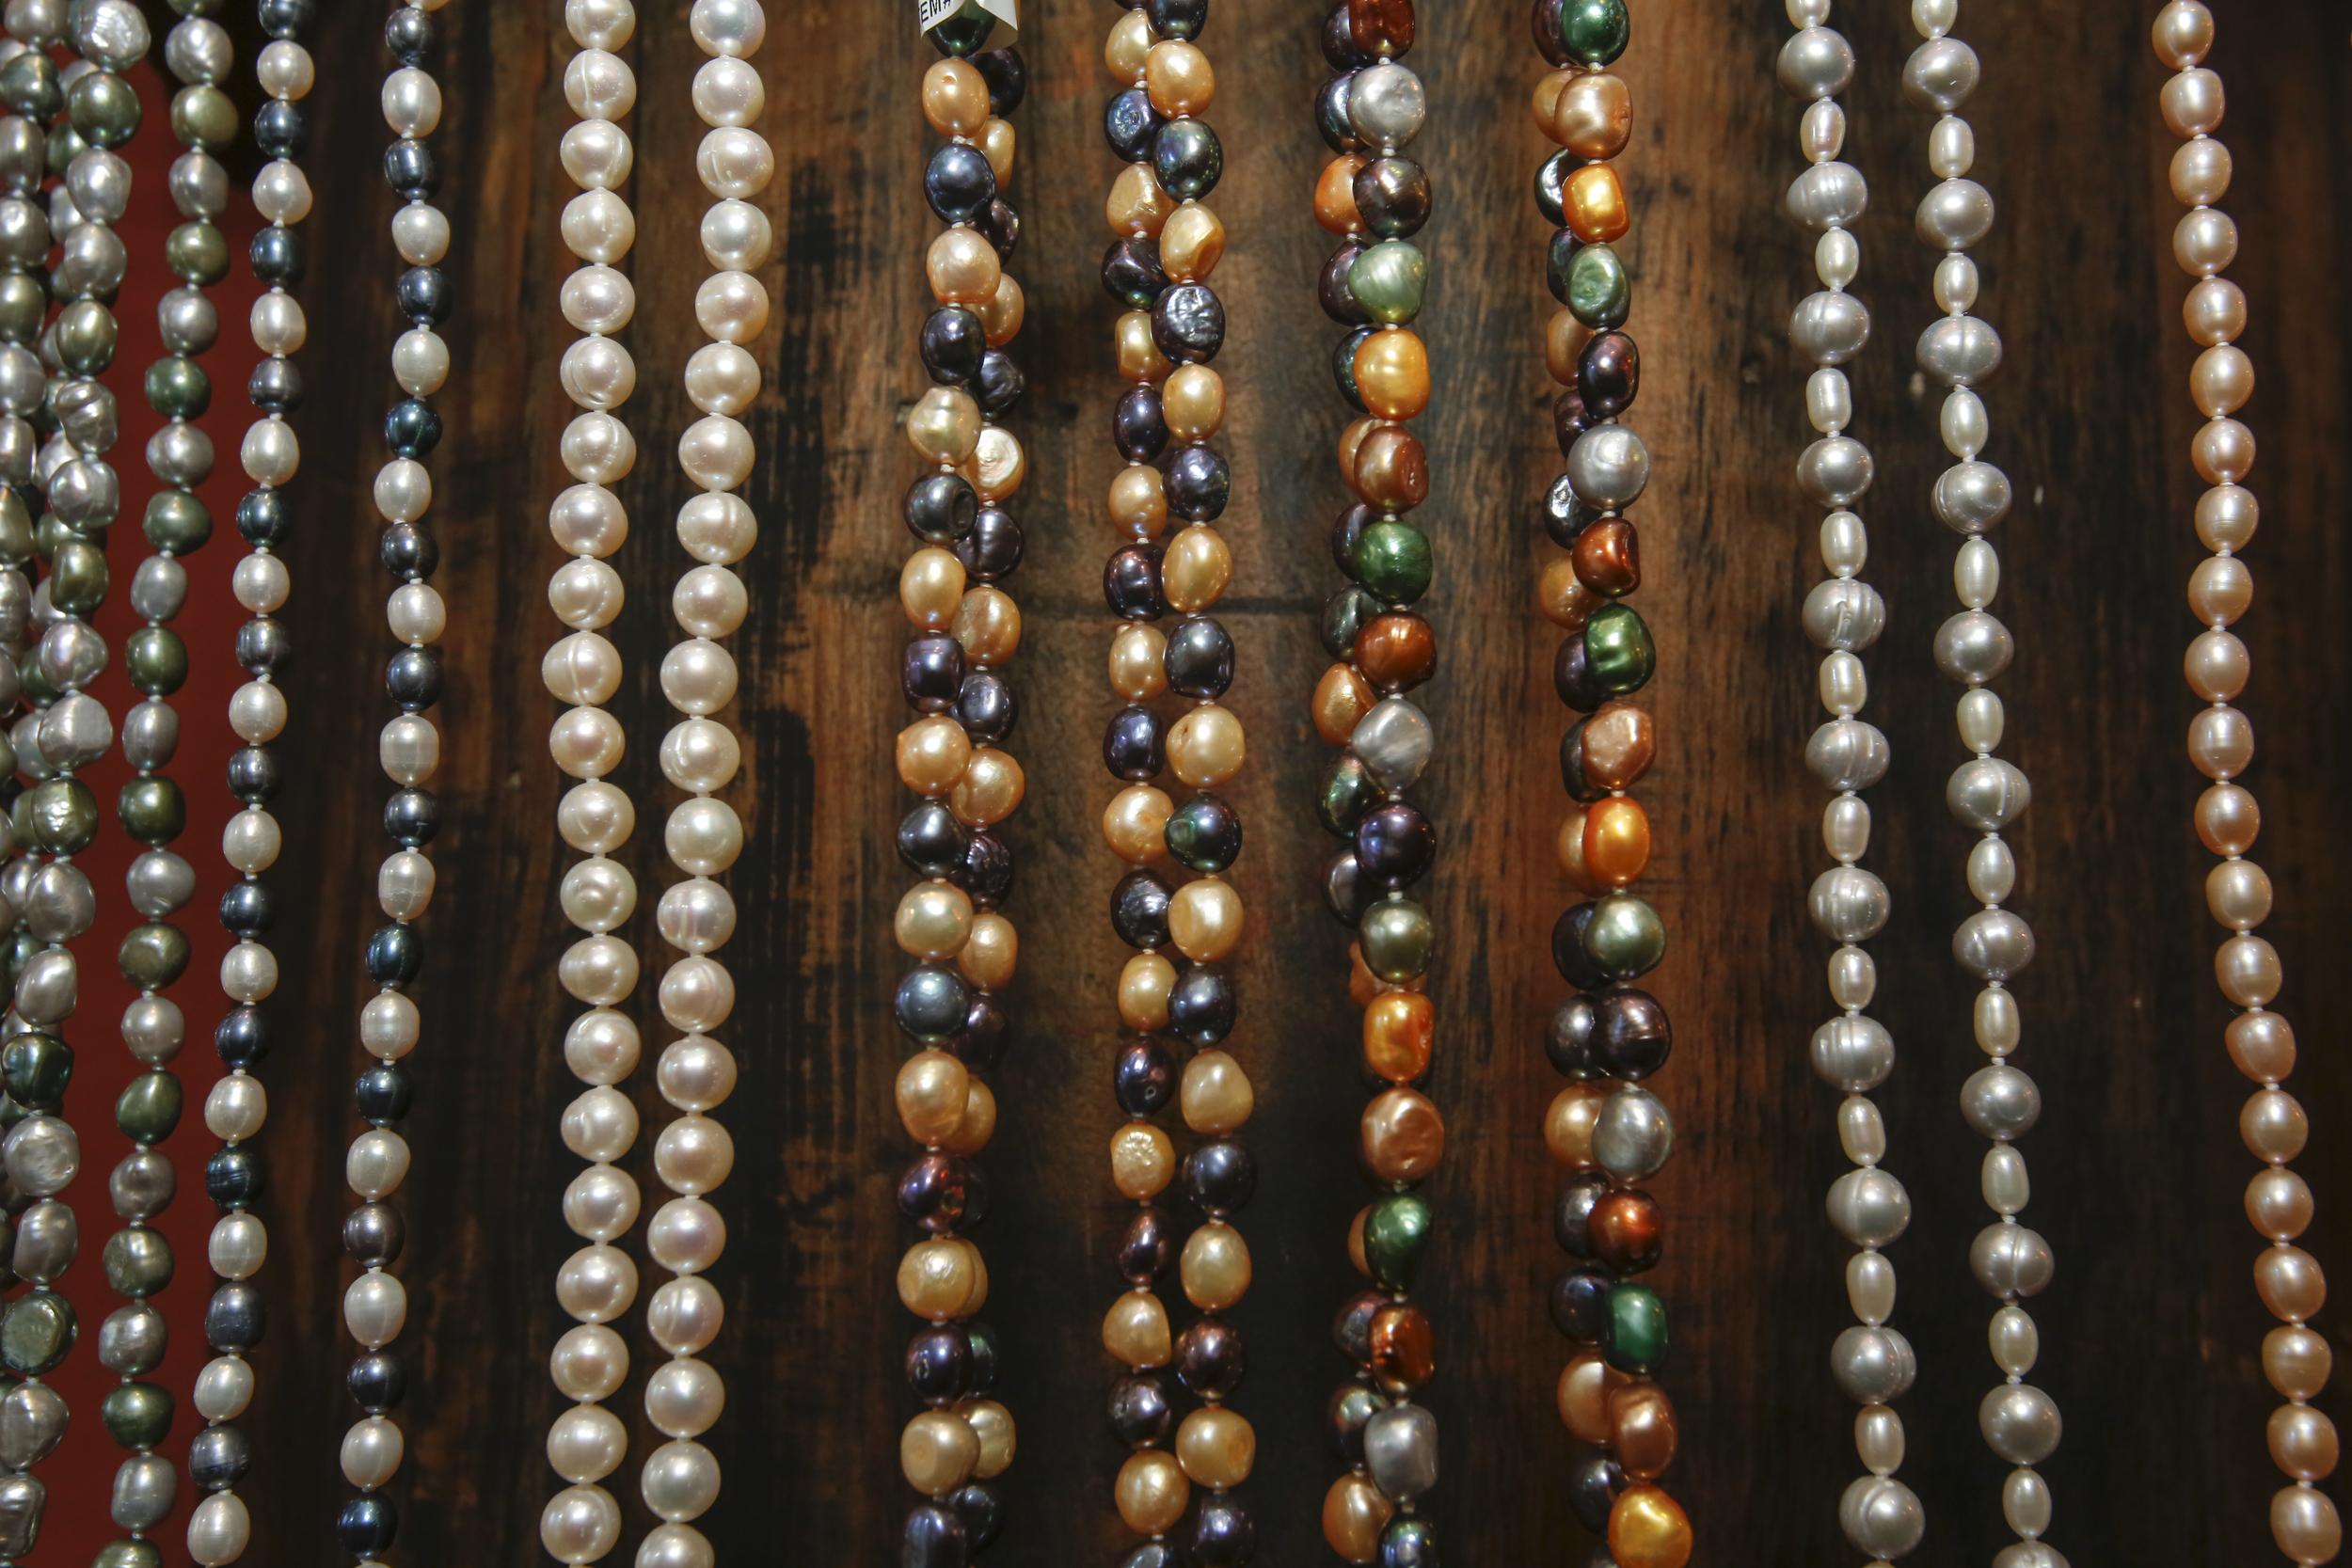 Salt Water Pearls